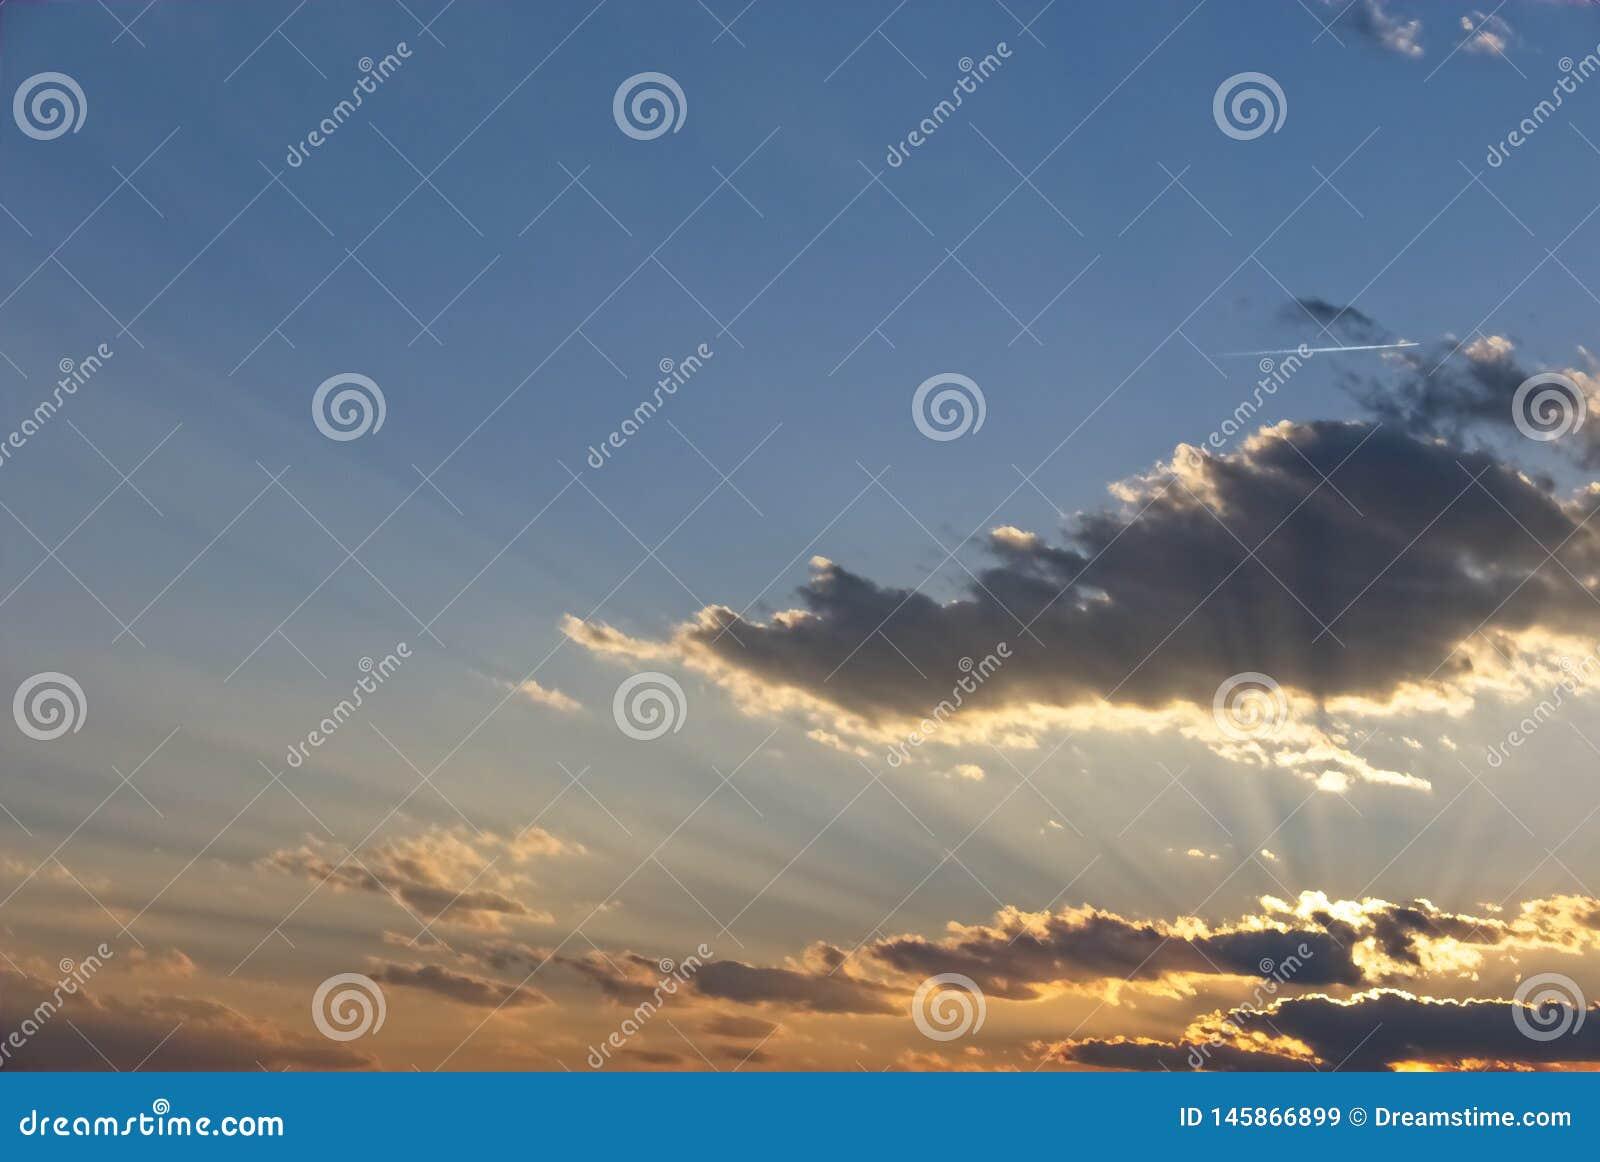 Raggi di luce attraverso le nuvole